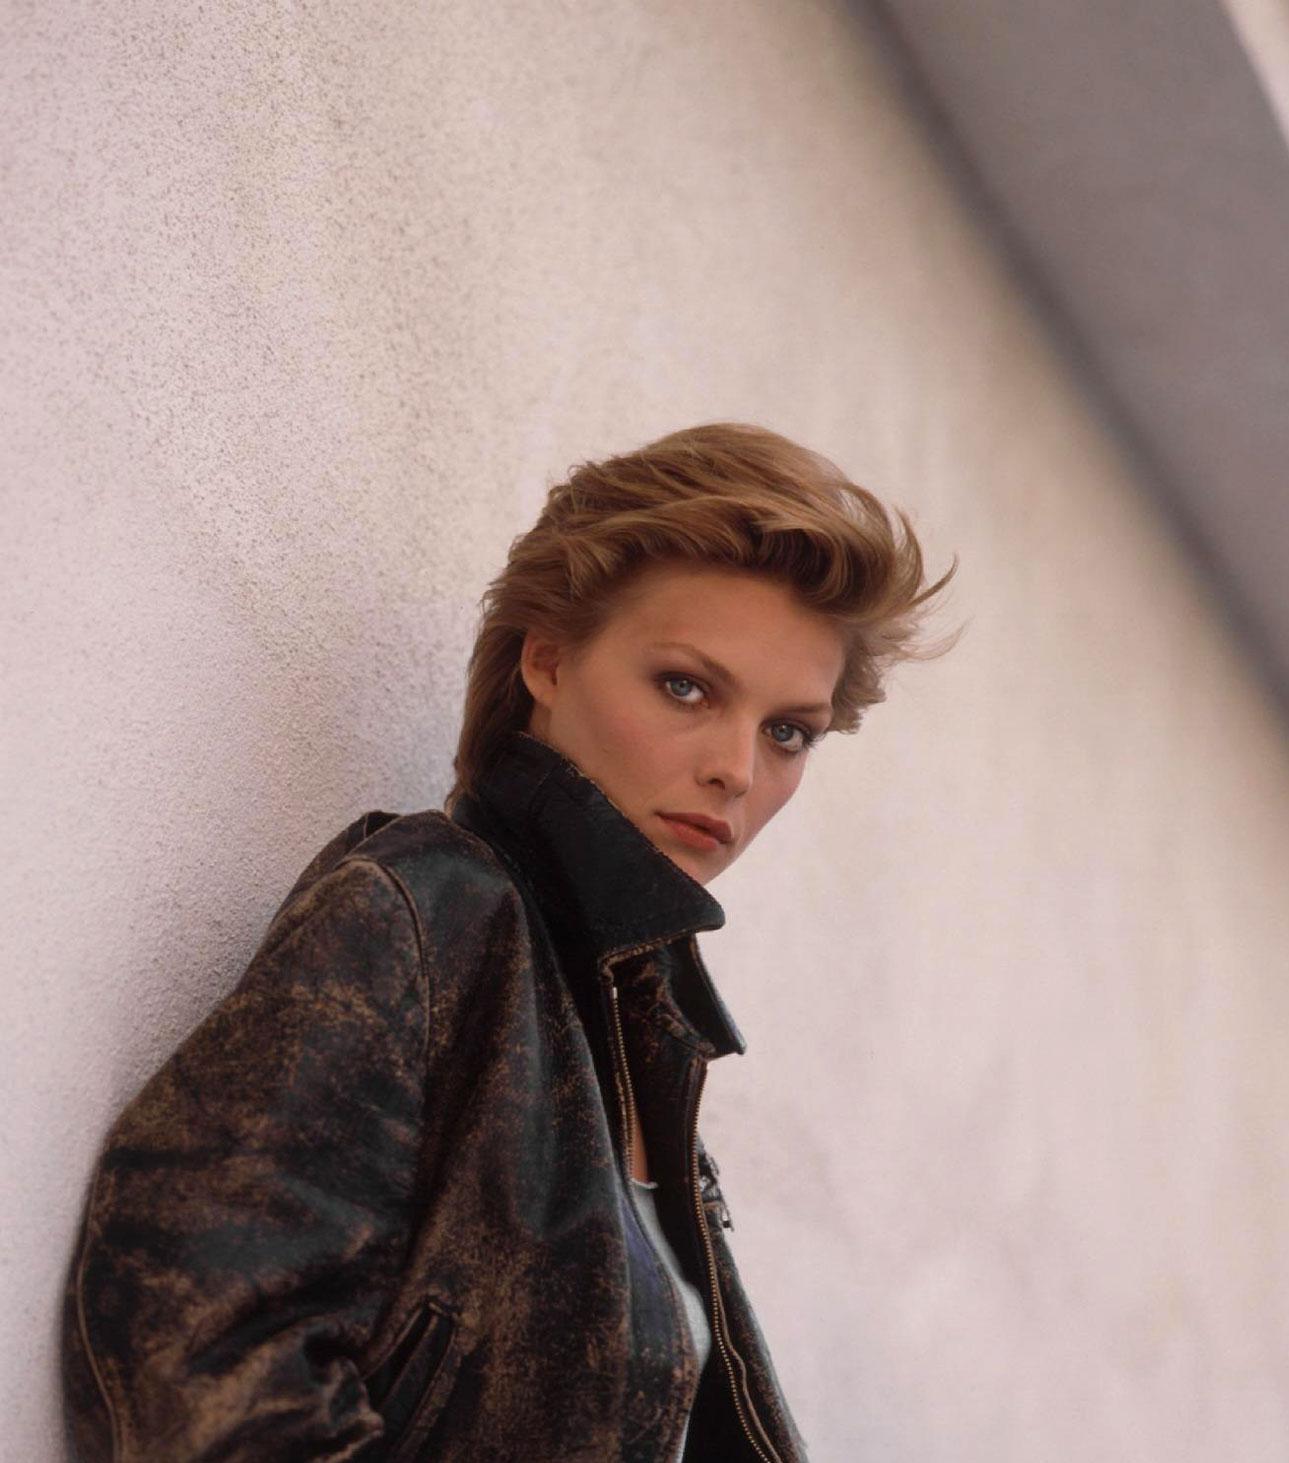 Michelle Pfeiffer 2016 Photos